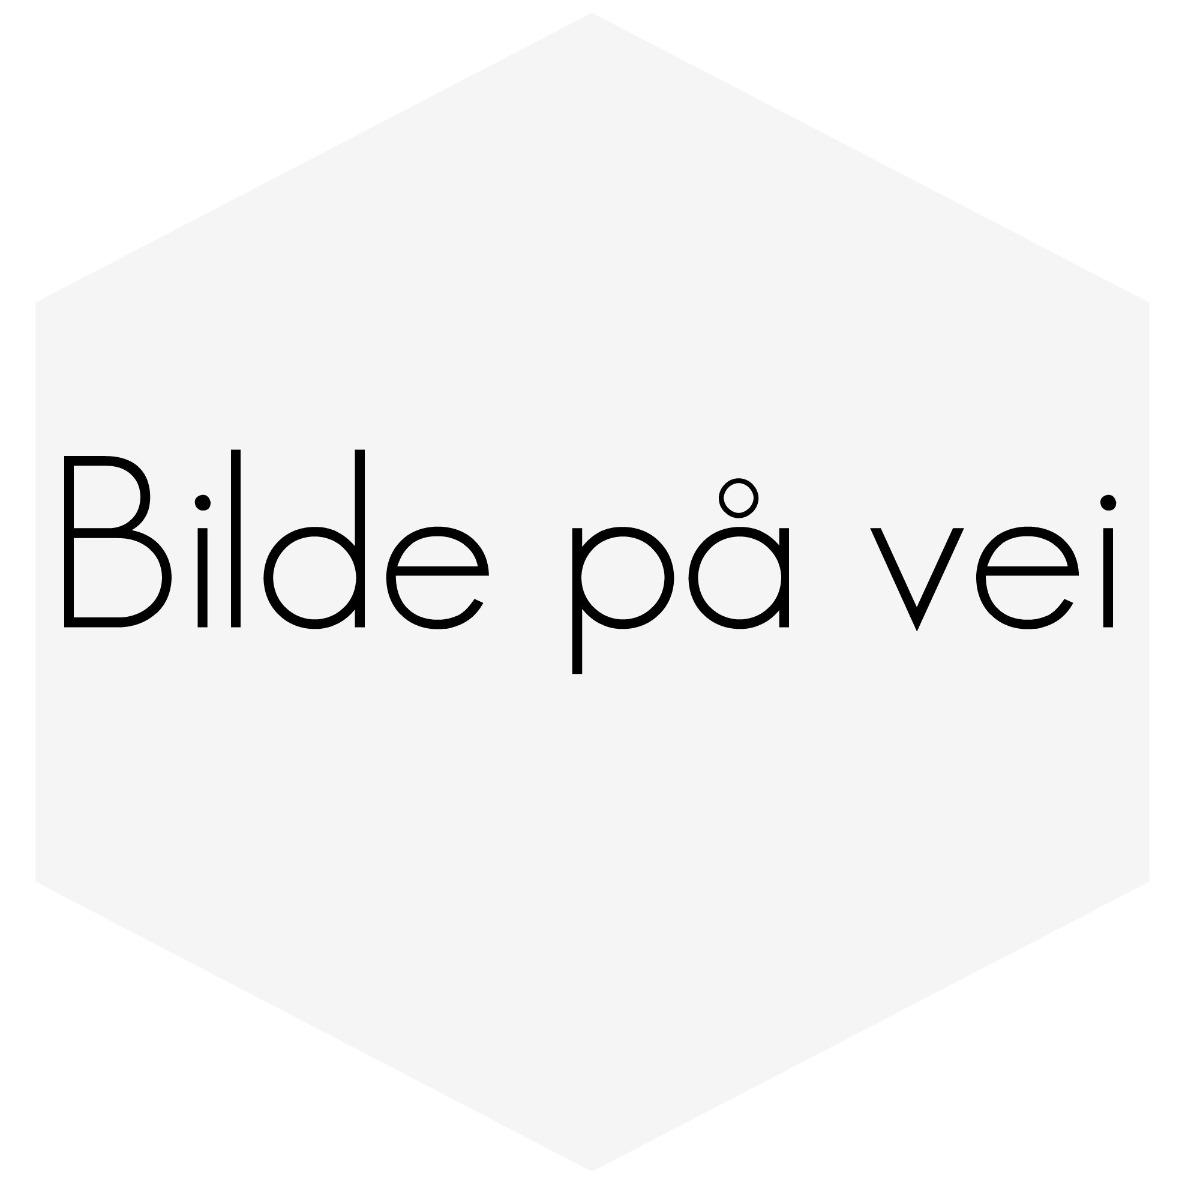 SILIKONSLANGE RØD KOBLING 0,875'' (22MM)